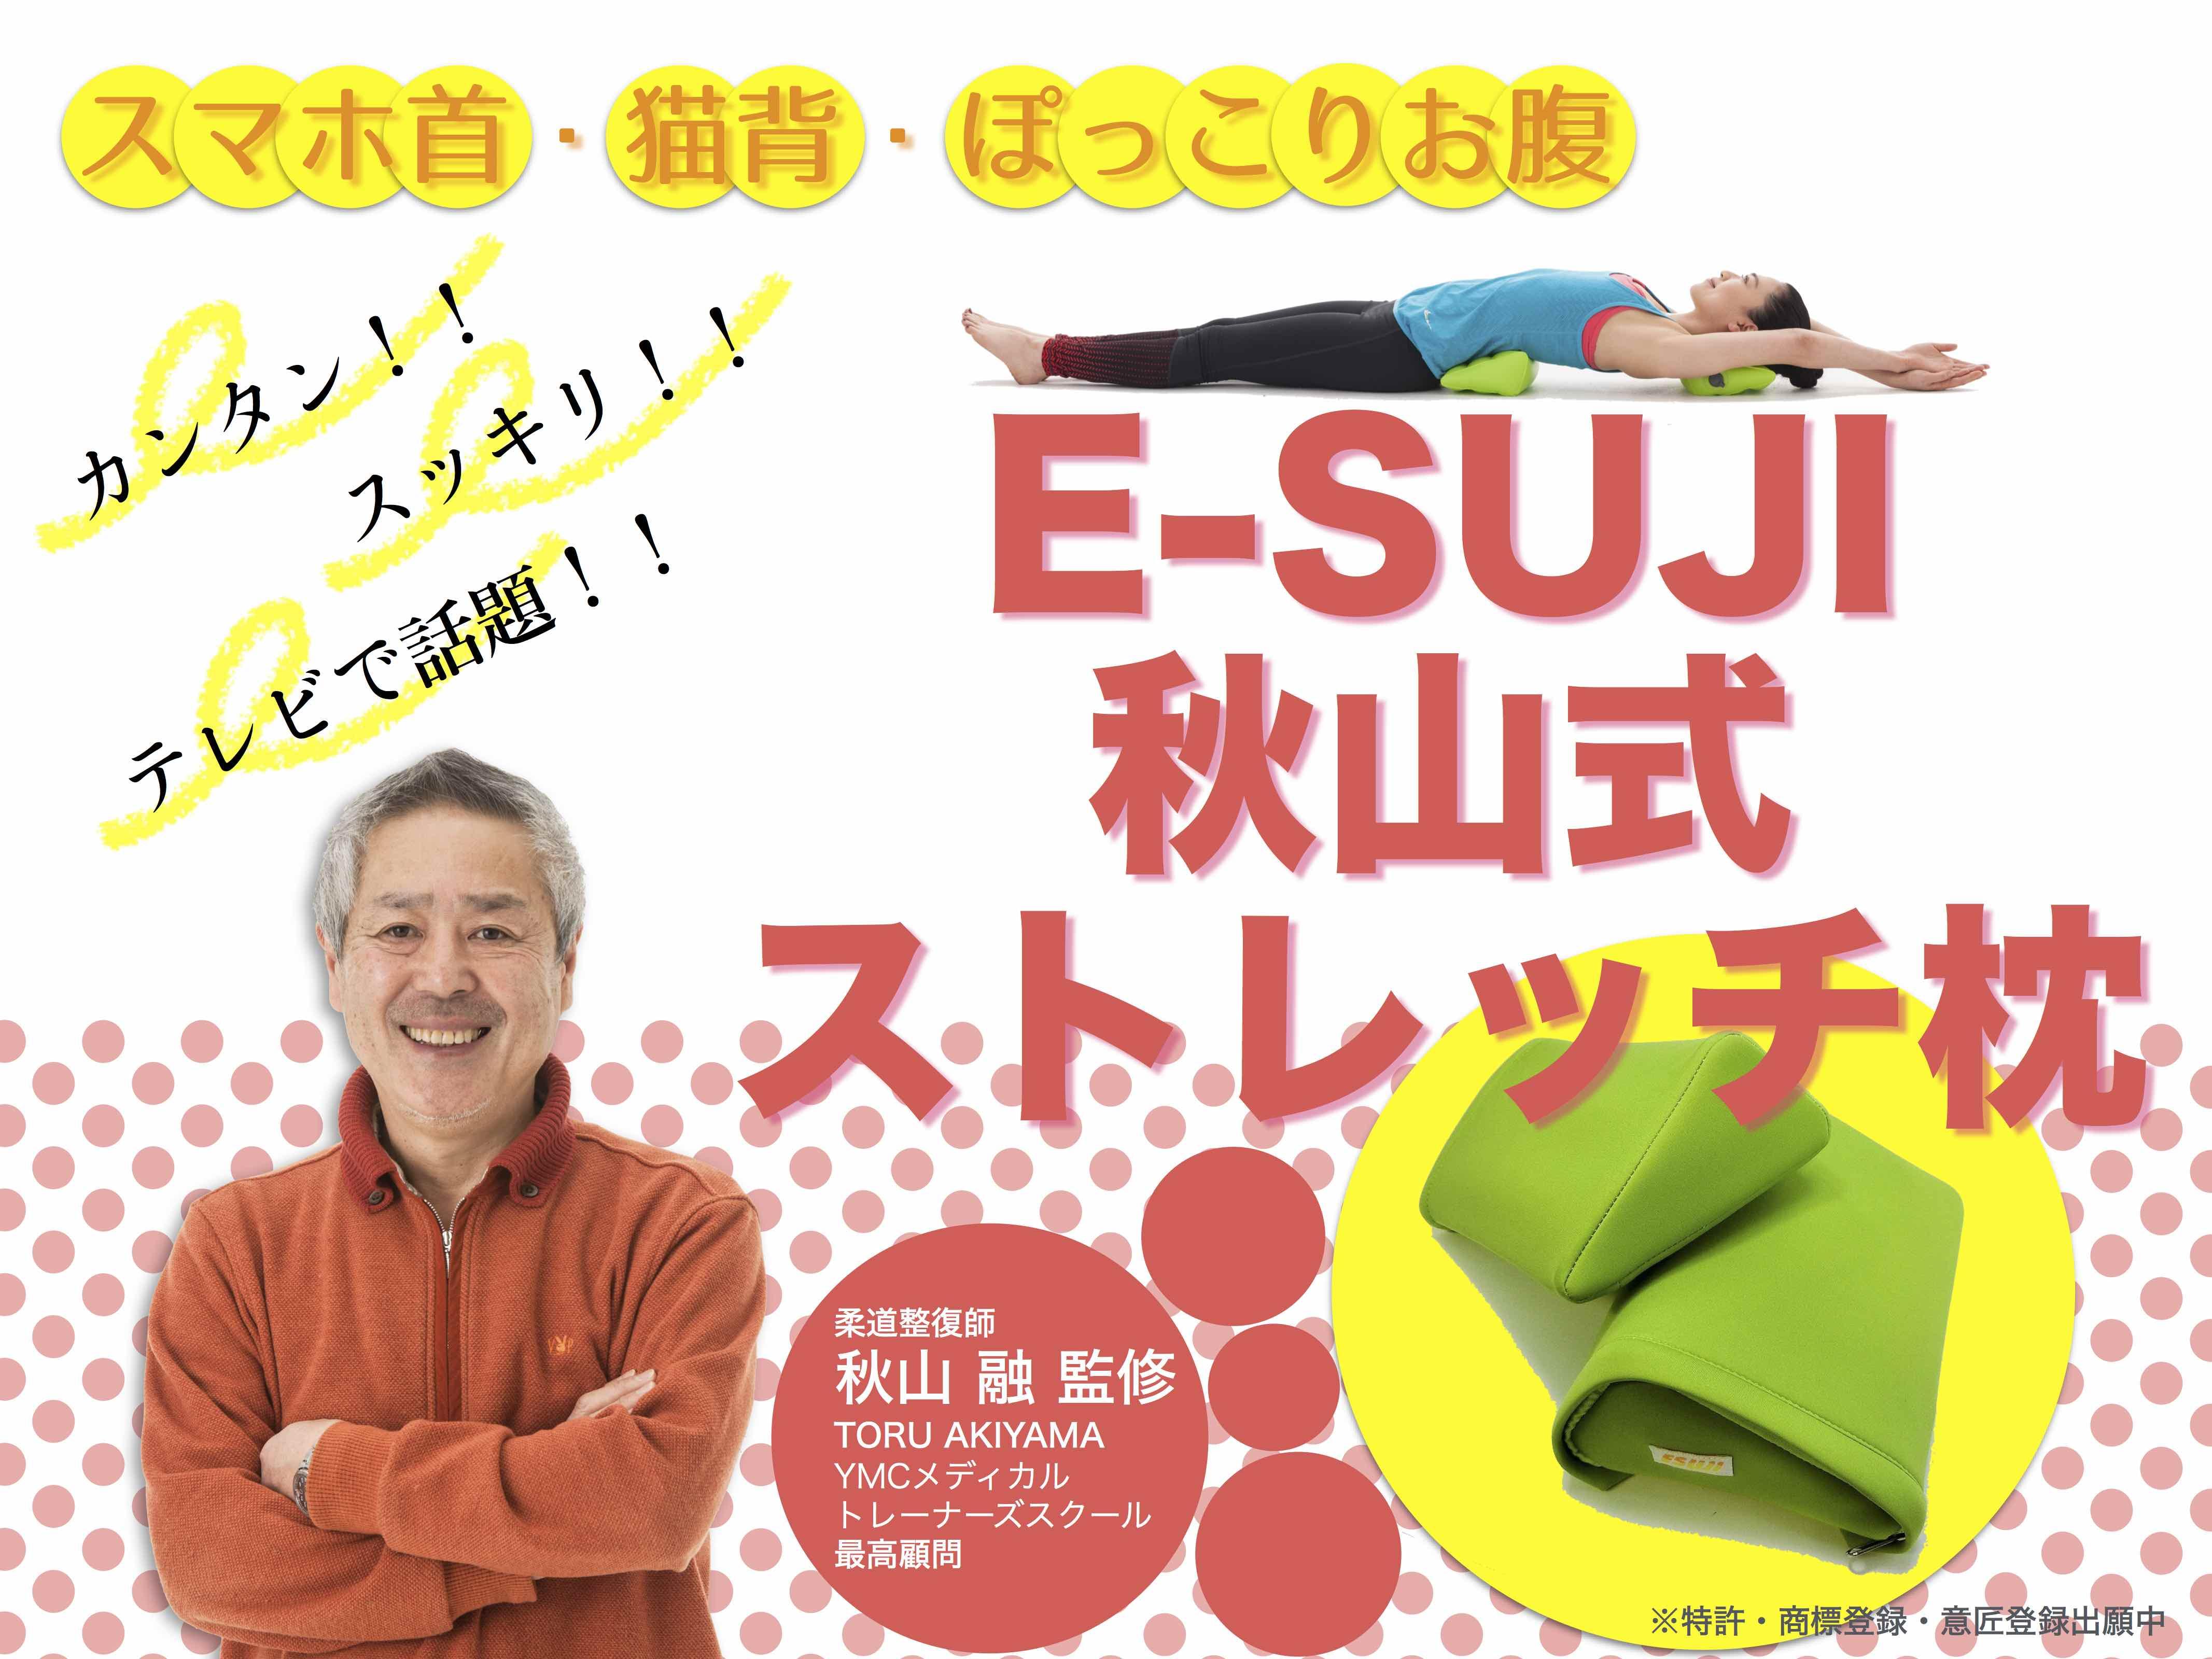 秋山式ストレッチ枕がテレビで紹介予定です。